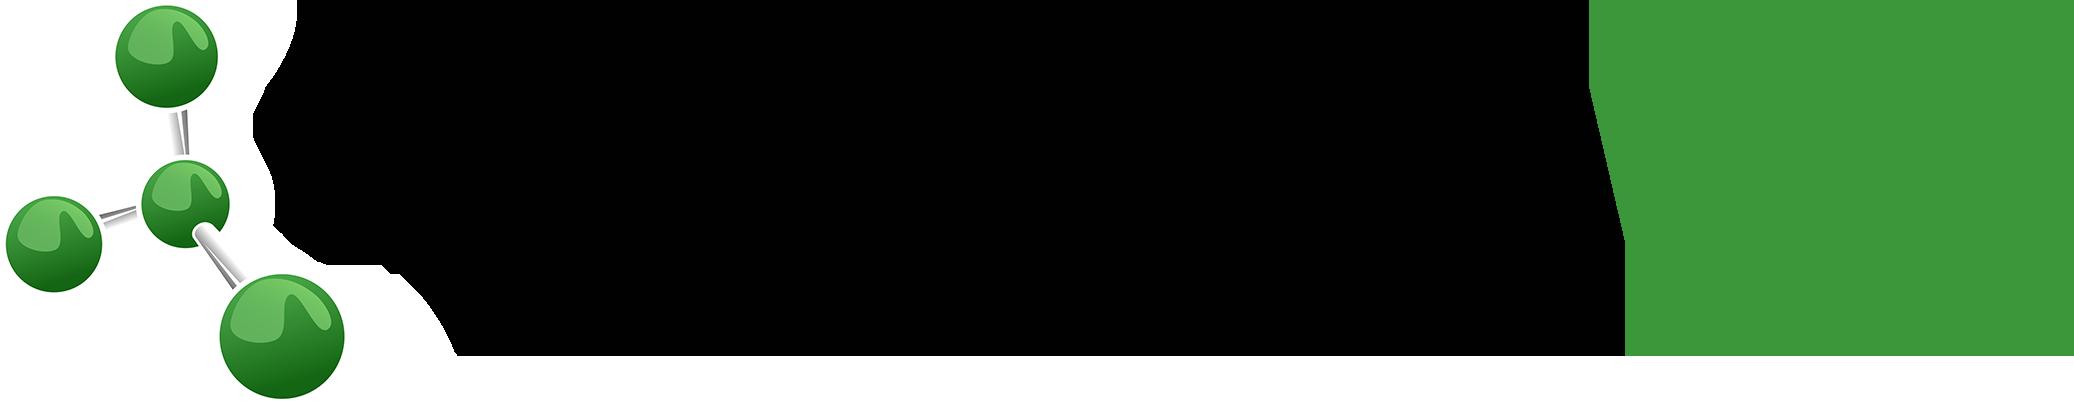 Molekulabet